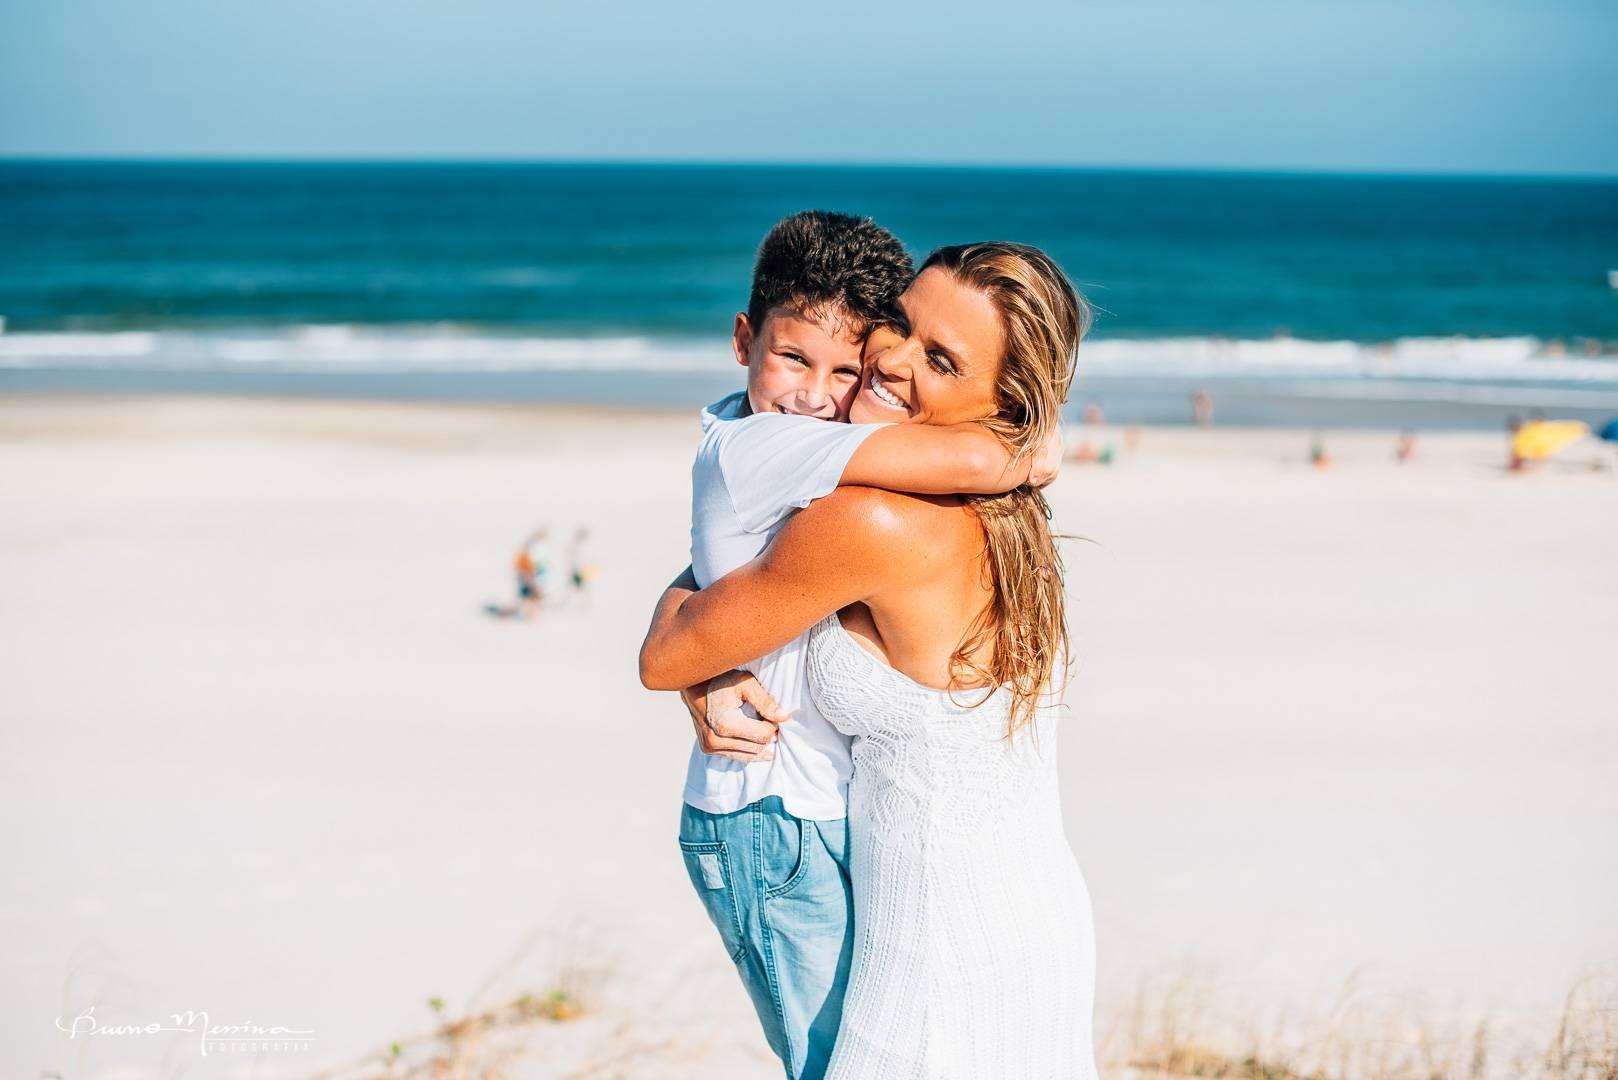 Ensaio Família na Praia - Fotografia de Família na praia - fotos de família na praia - Fotógrafo de família em Floripa